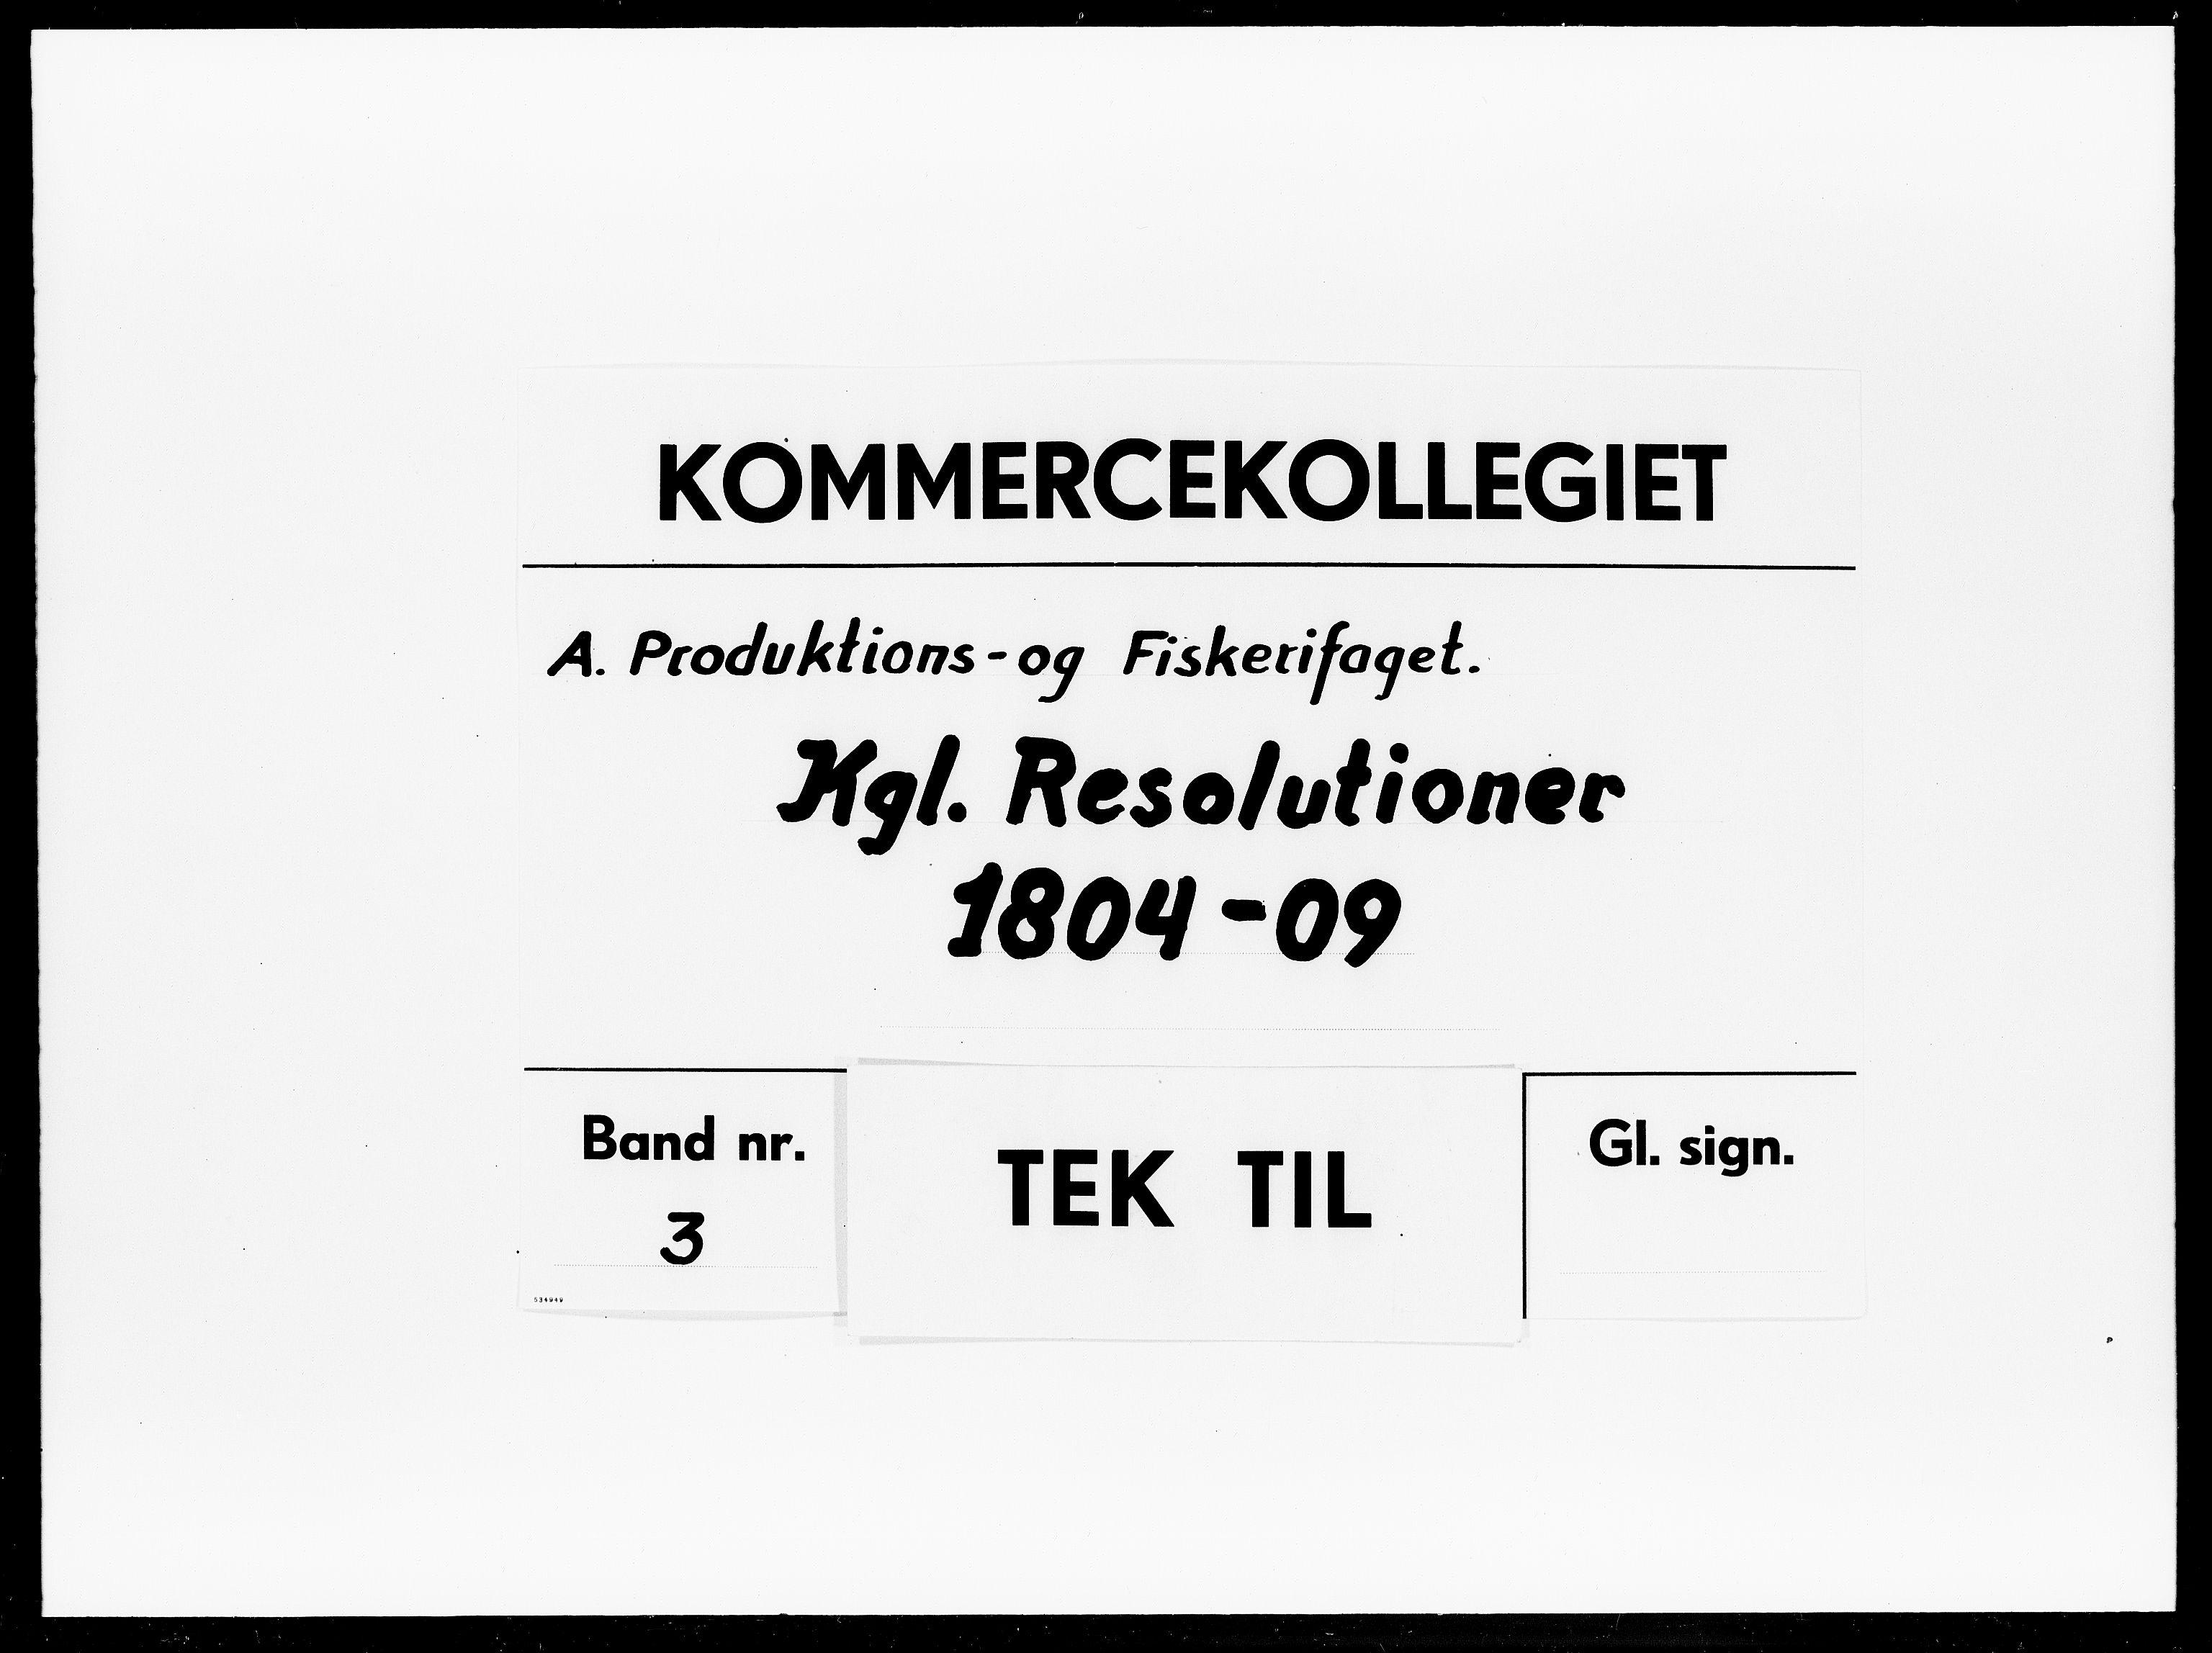 DRA, Kommercekollegiet, Produktions- og Fiskerifagets Sekretariat, -/1217: Kgl. Resolutioner, 1804-1809